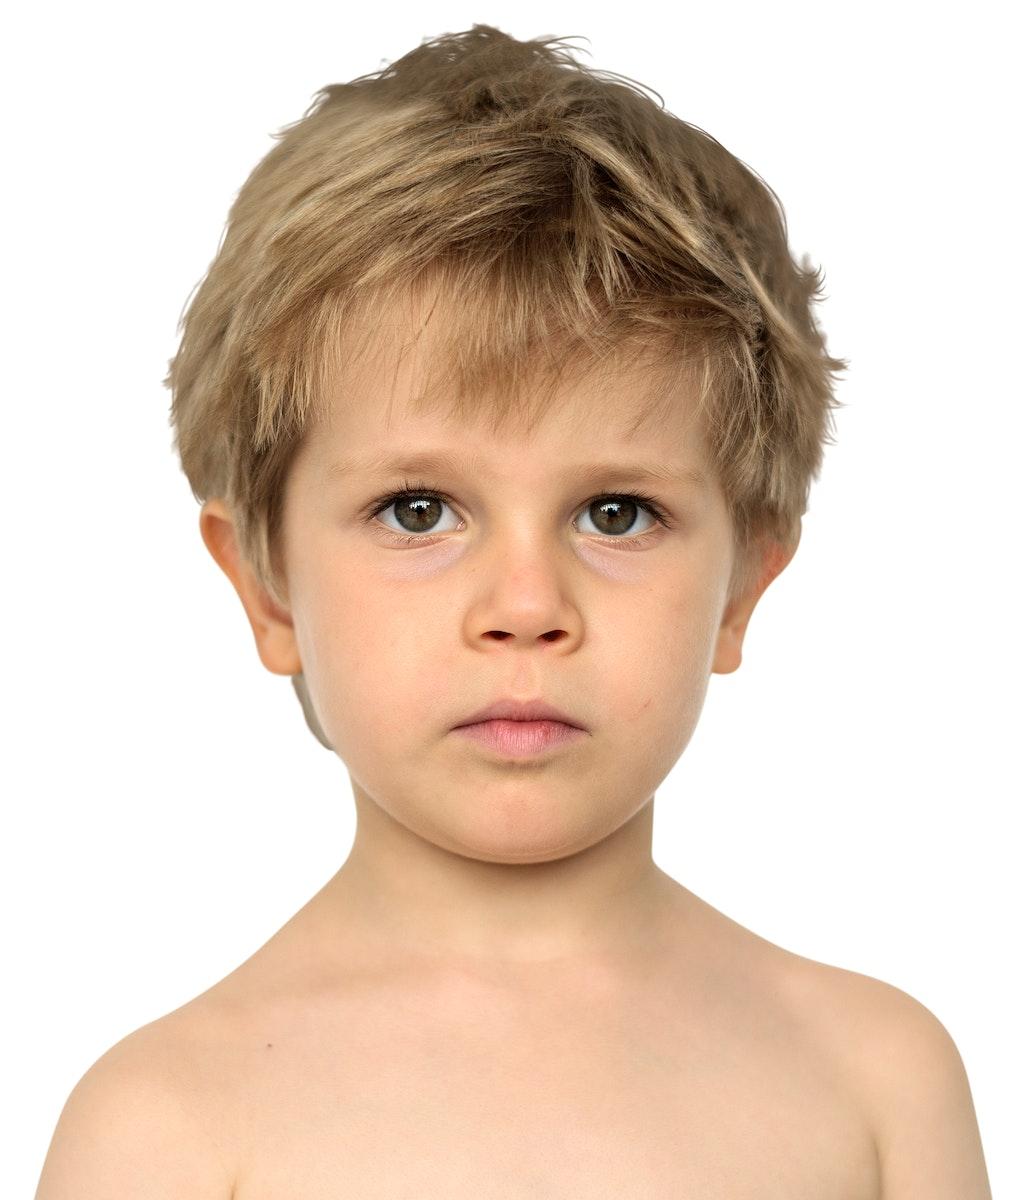 Little Boy Bare Chest Studio Portrait Young Adorable